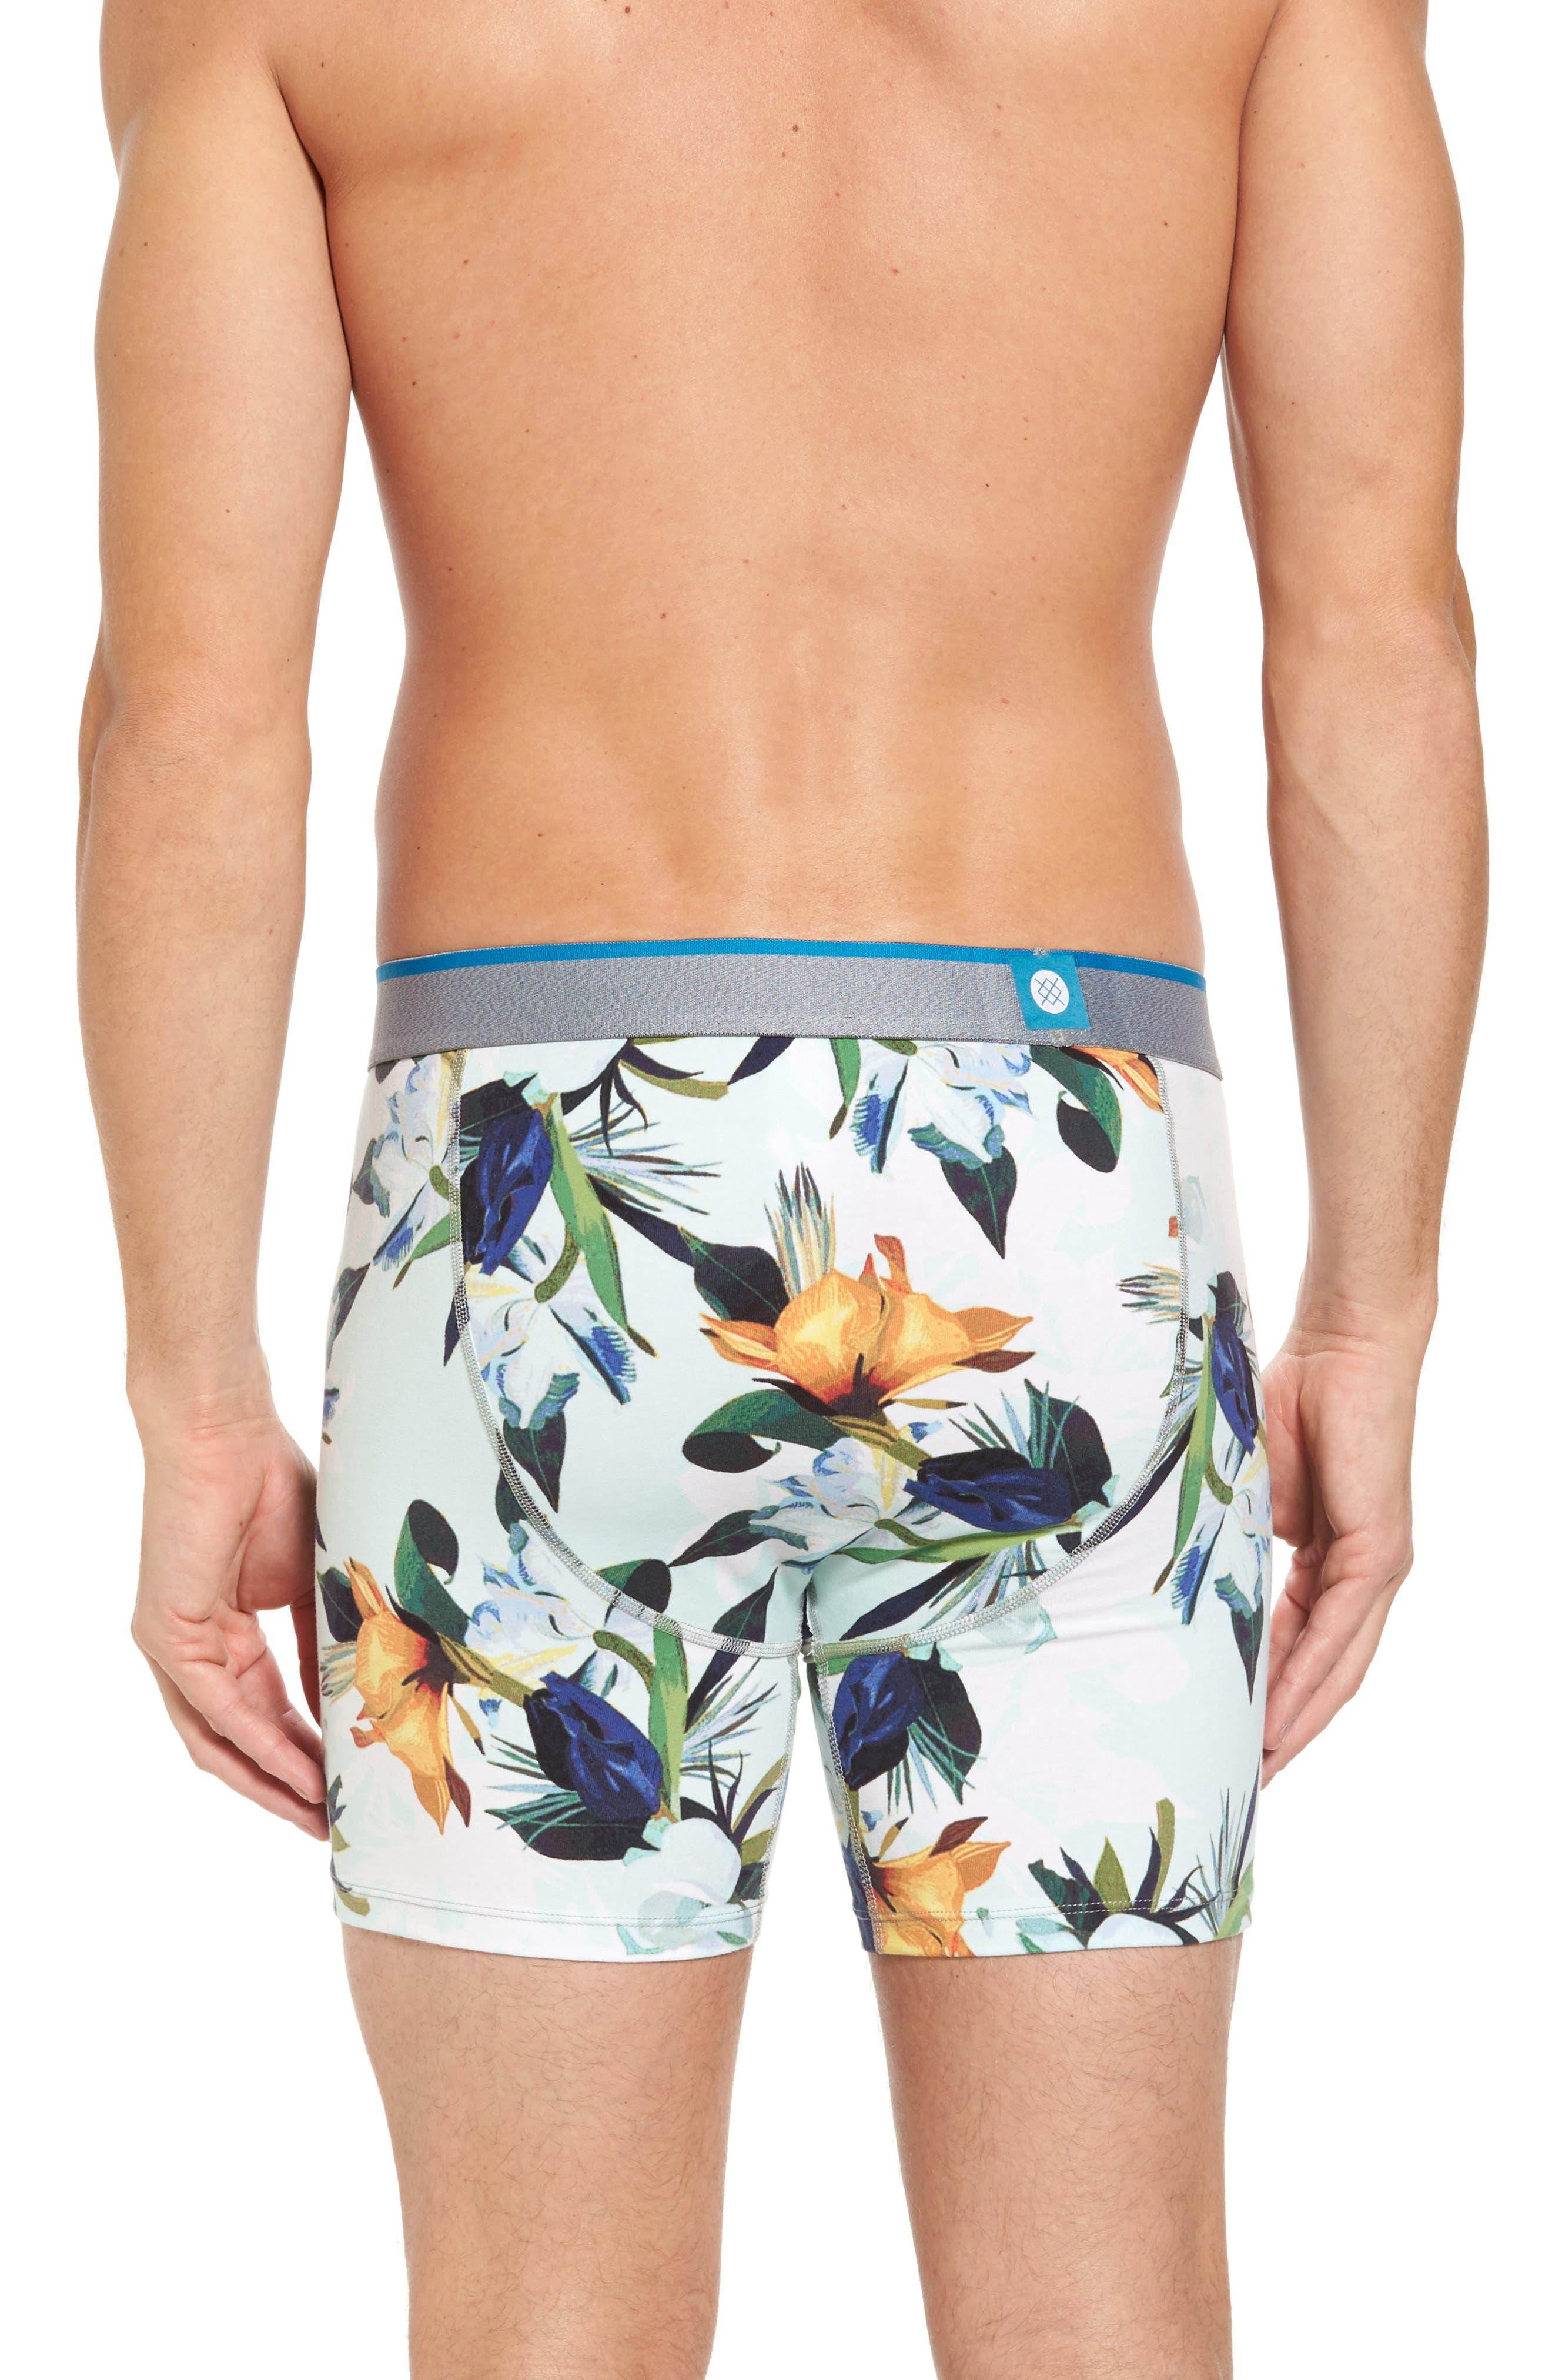 Aqua Floral Boxer Briefs,                             Alternate thumbnail 2, color,                             420